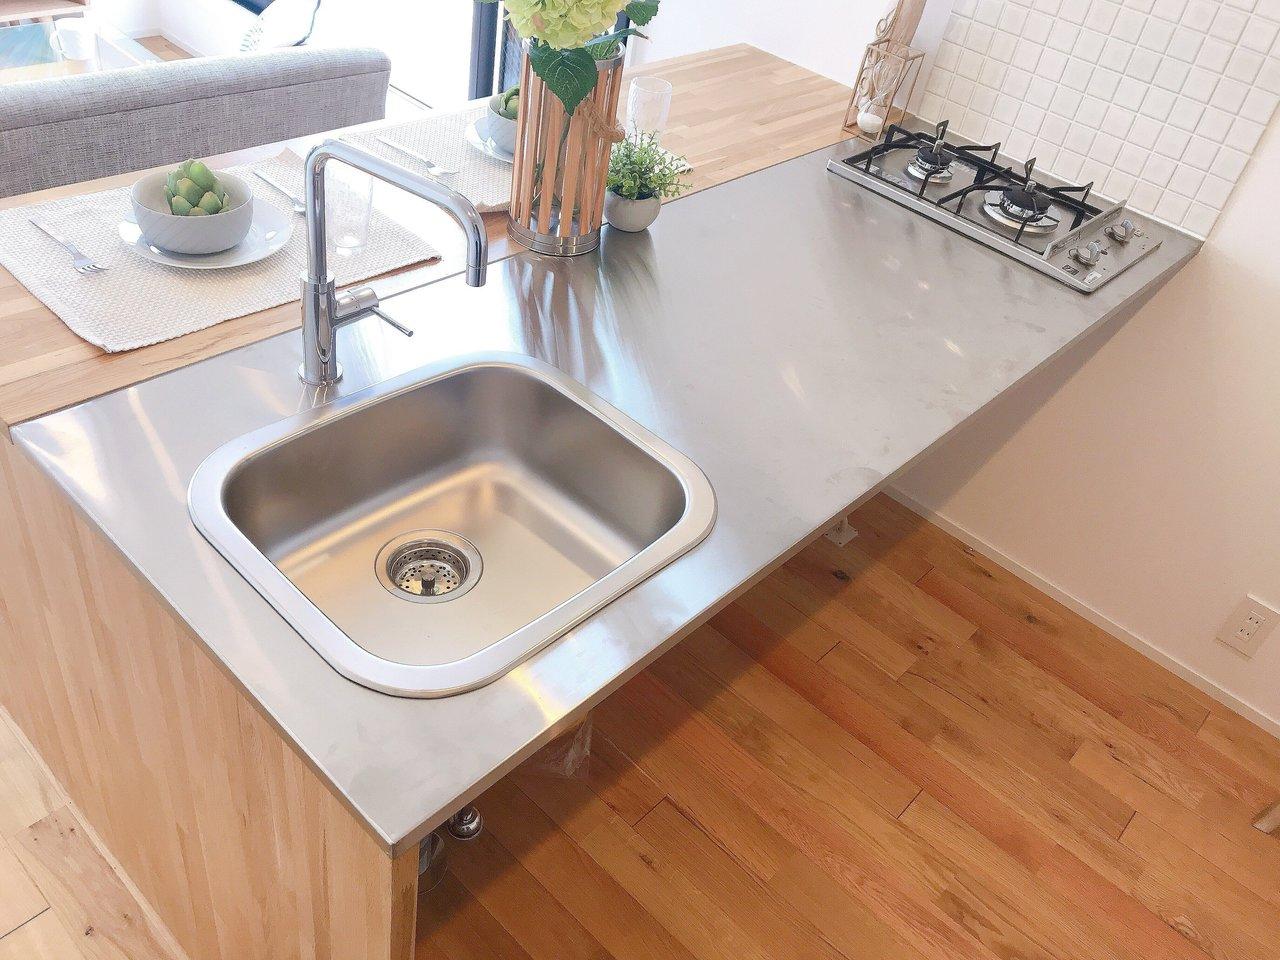 作業スペースもとっても広い!水切りマットを敷いて洗った食器を置いてもいいですね。